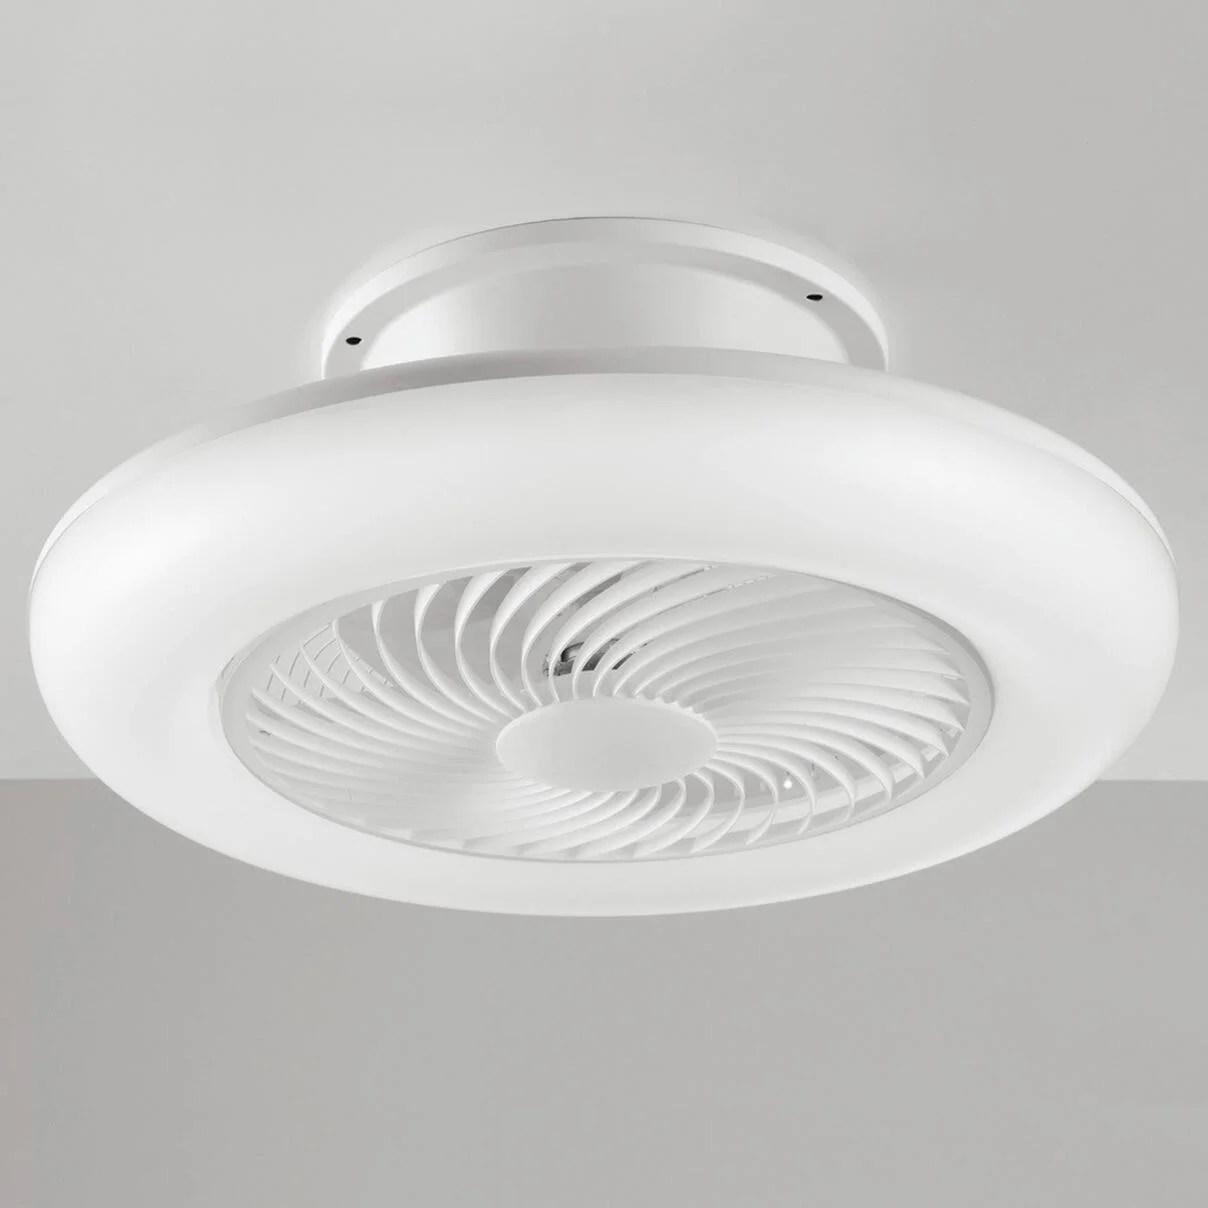 Classe di sicurezza consigliata per appartamenti. Ventilatore Da Soffitto Led Integrato Aliseo Bianco D 55 Cm Con Telecomando Intec Leroy Merlin